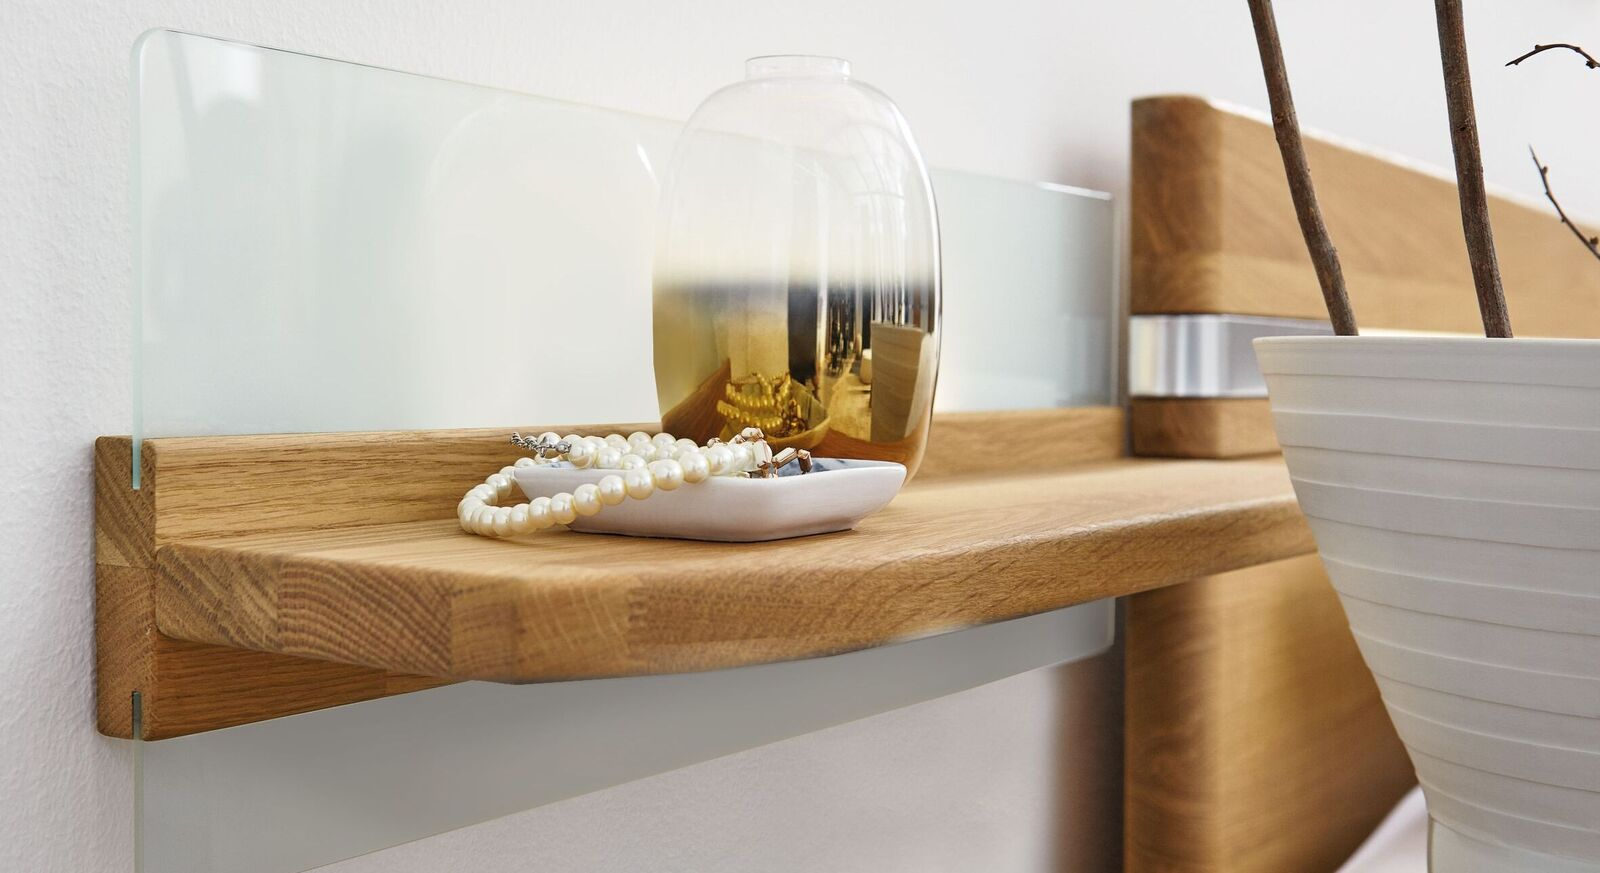 MUSTERRING Hänge-Paneel Savona mit Milchglas-Element